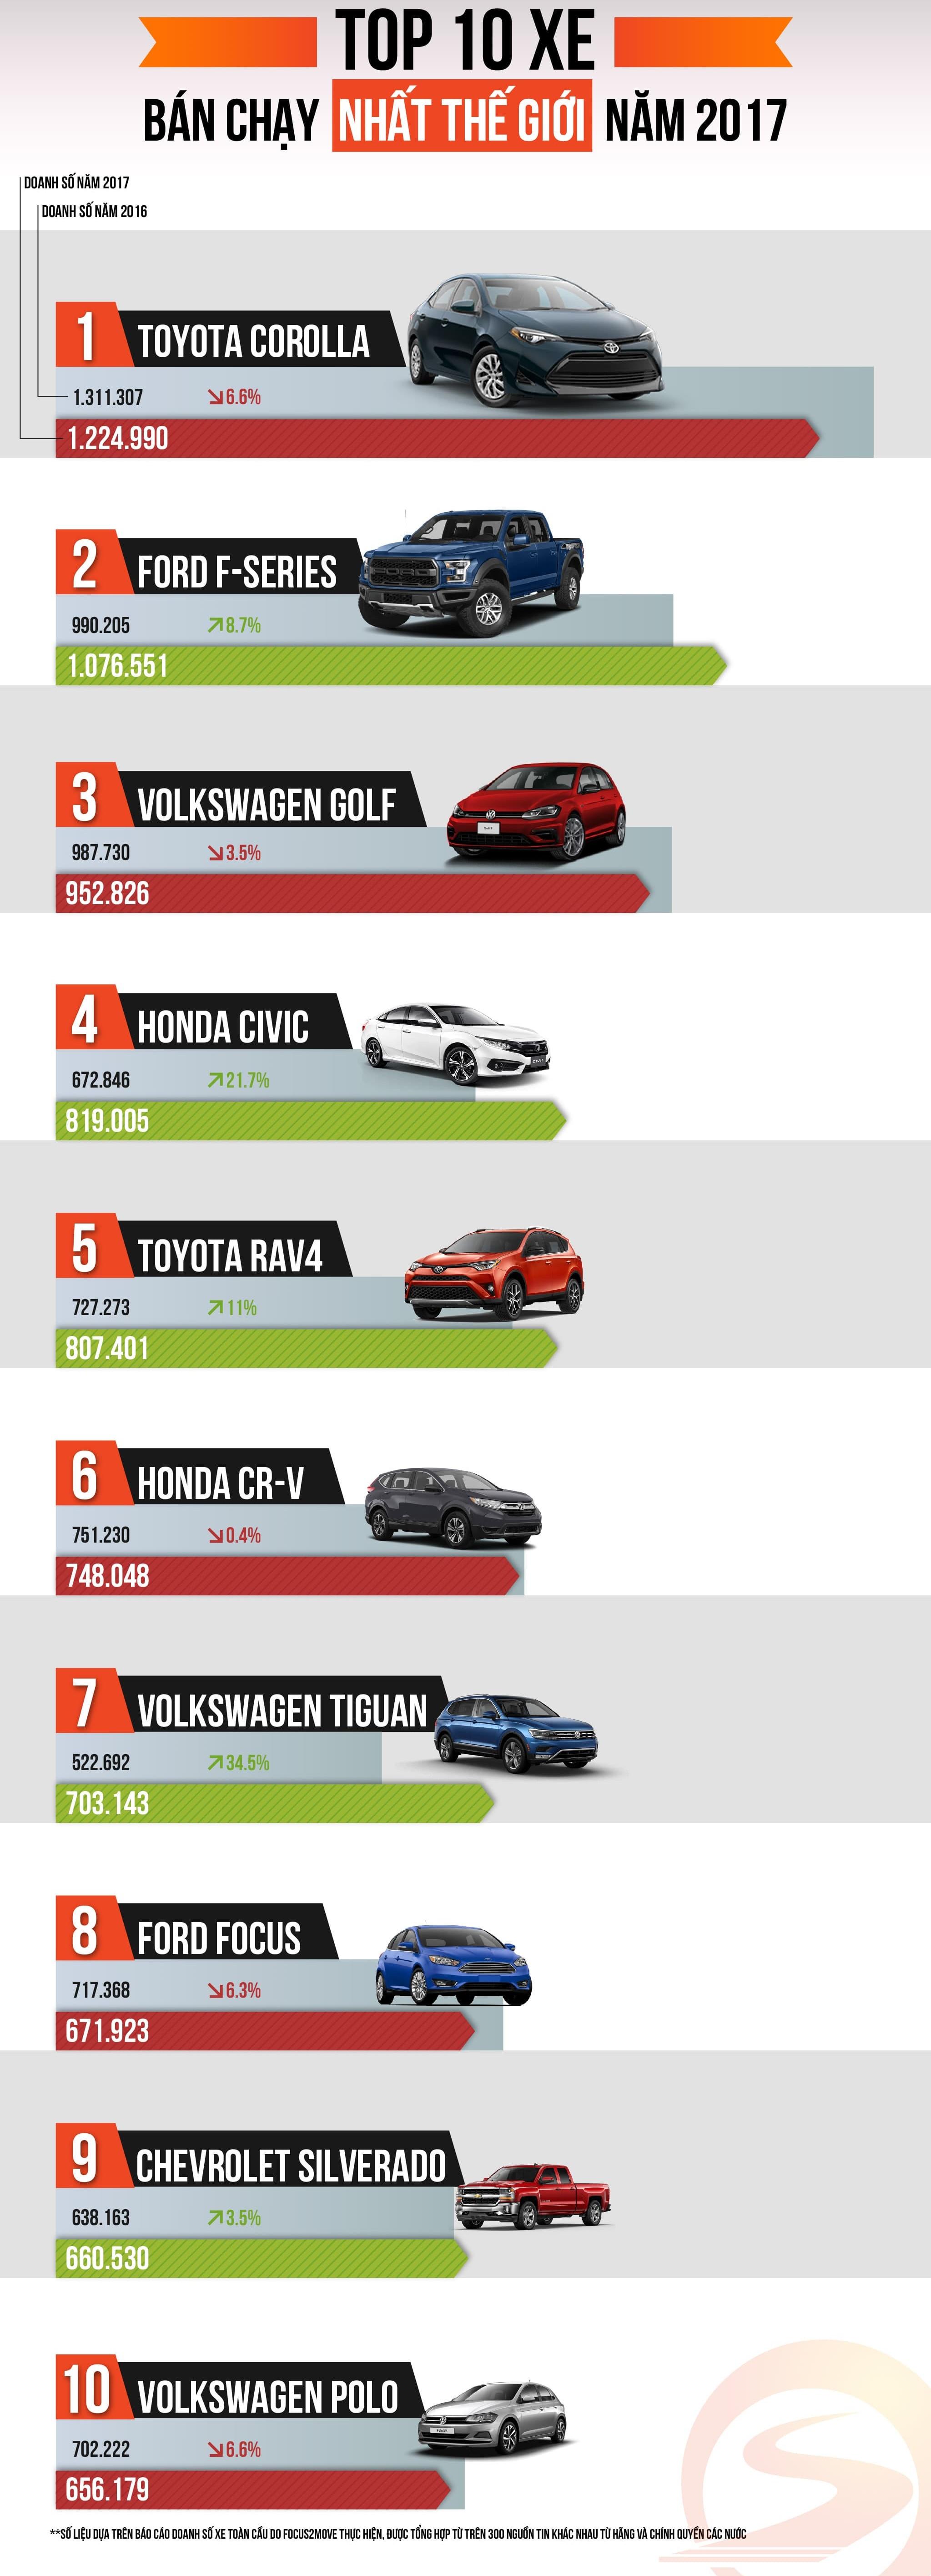 3 dòng xe Volkswagen bán chạy nhất thế giới